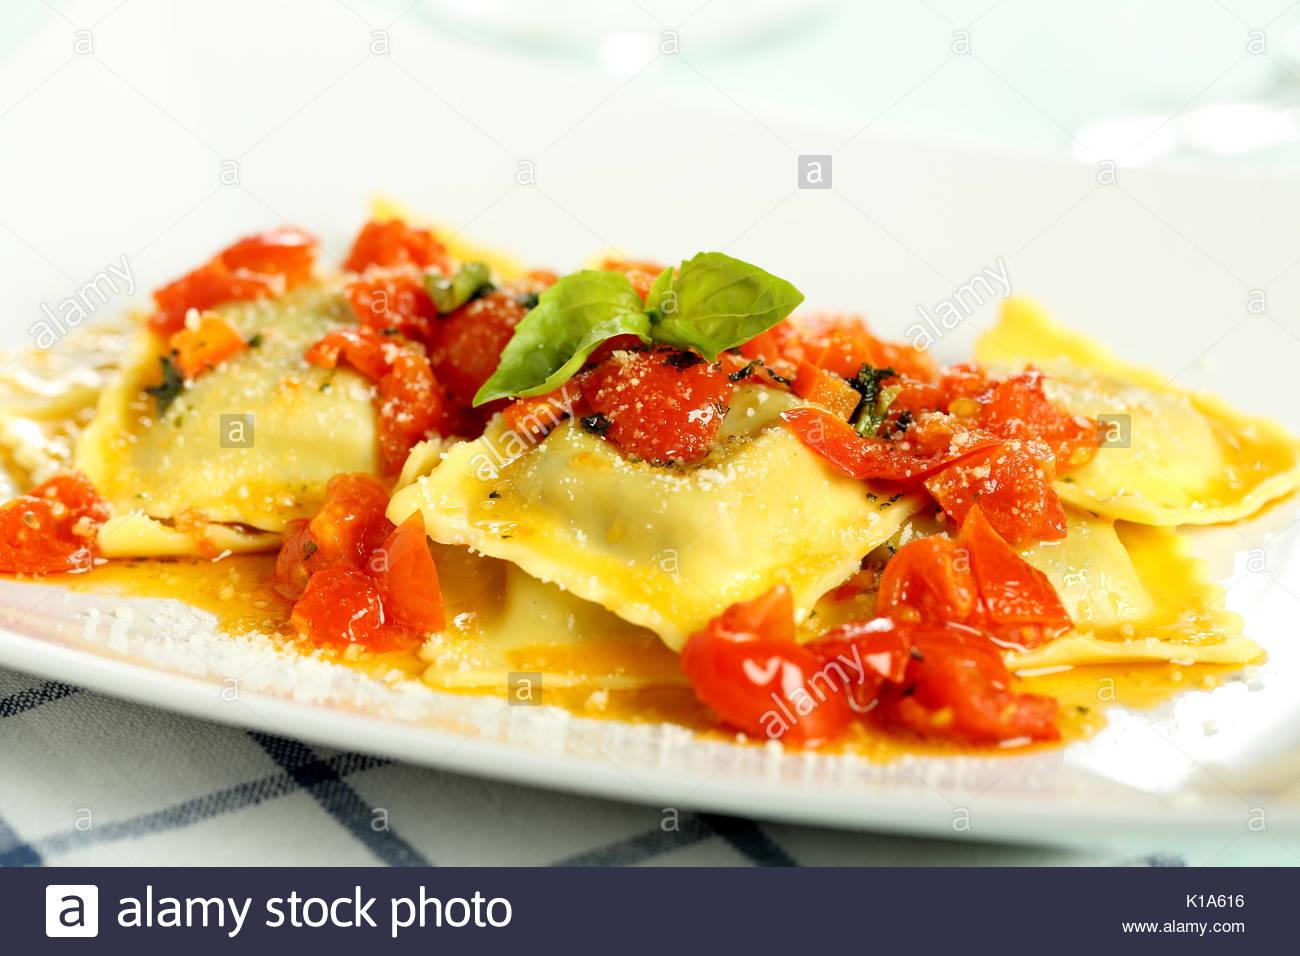 La pasta italiana sullo sfondo Immagini Stock